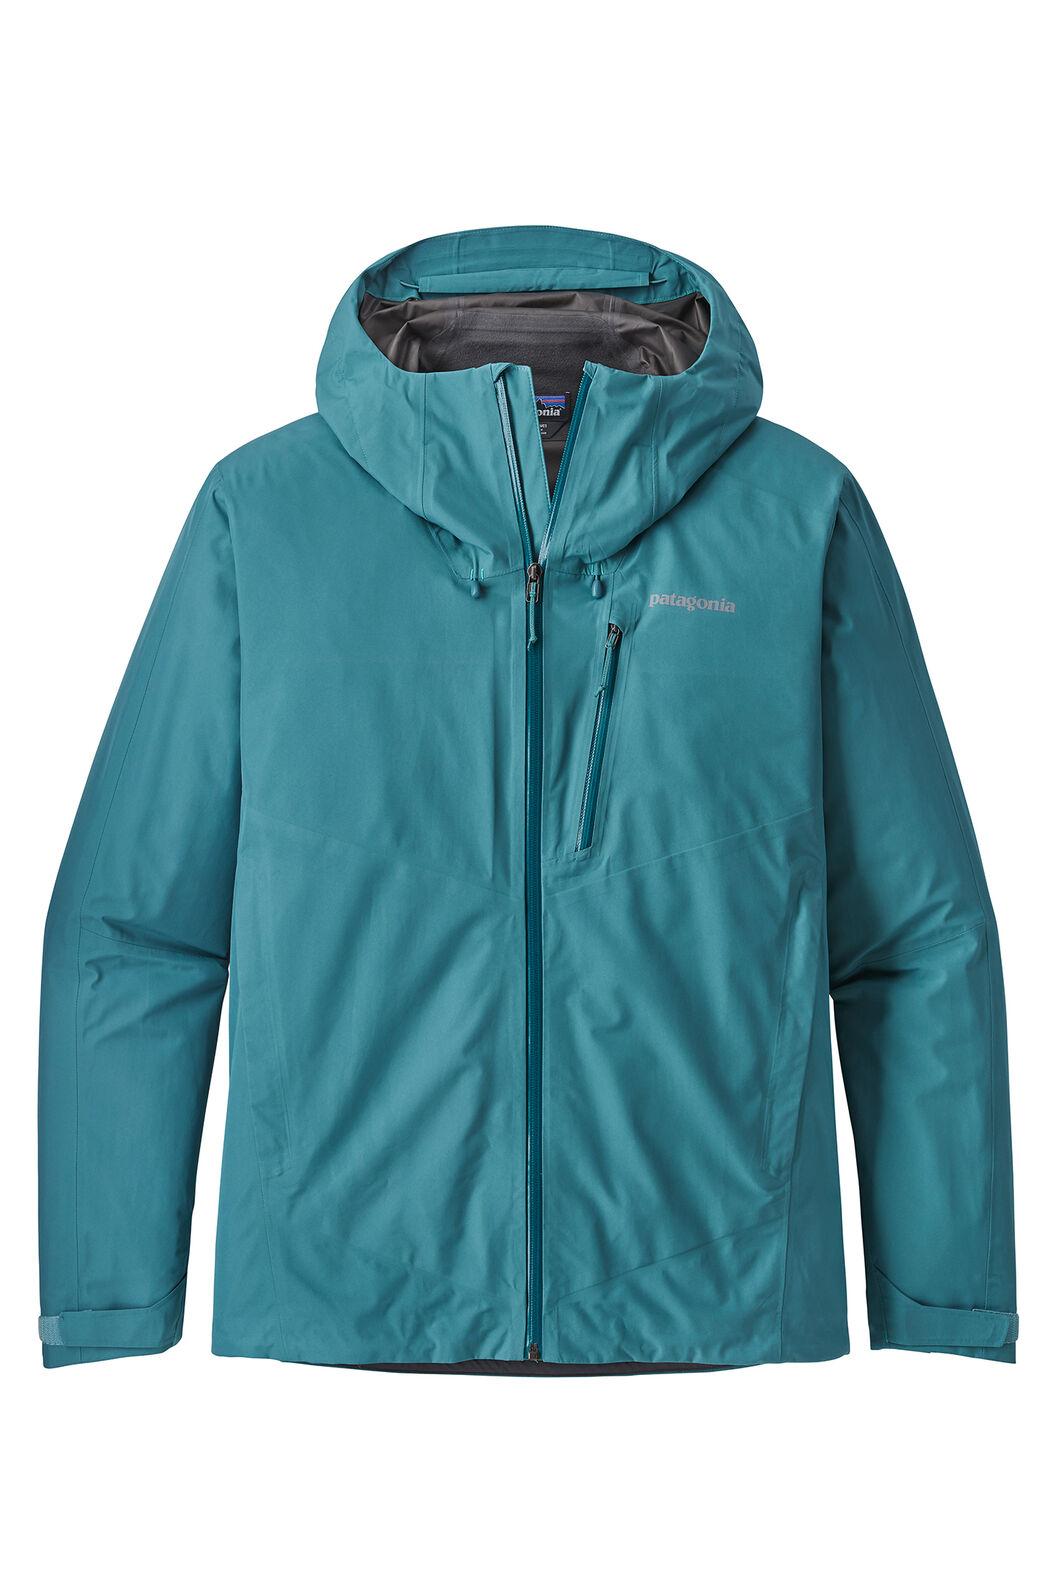 Patagonia M's Calcite Jacket, Tasmanian Teal, hi-res